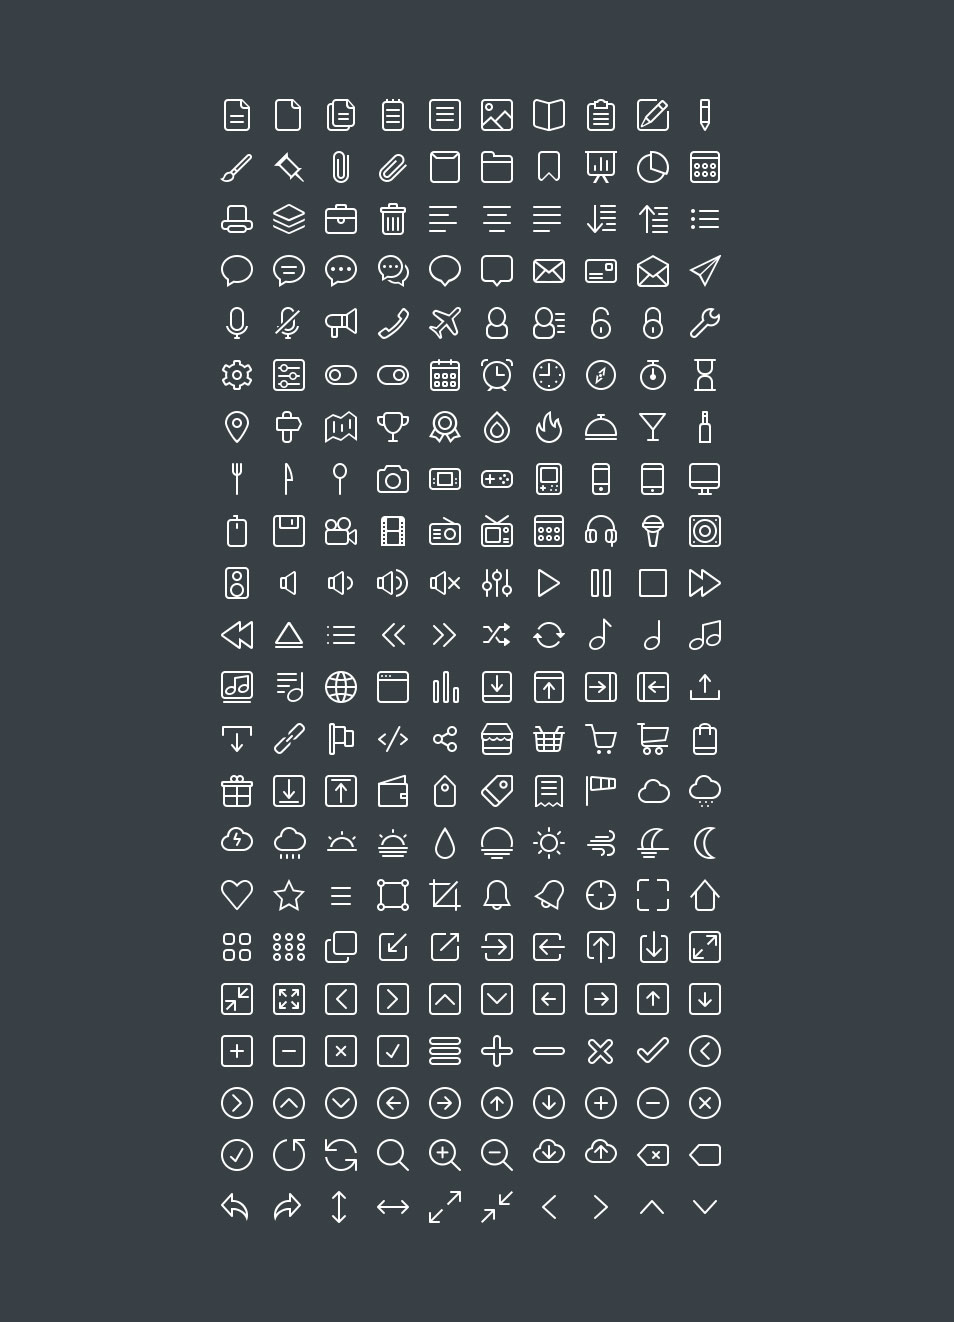 220 Free Line Icon Set